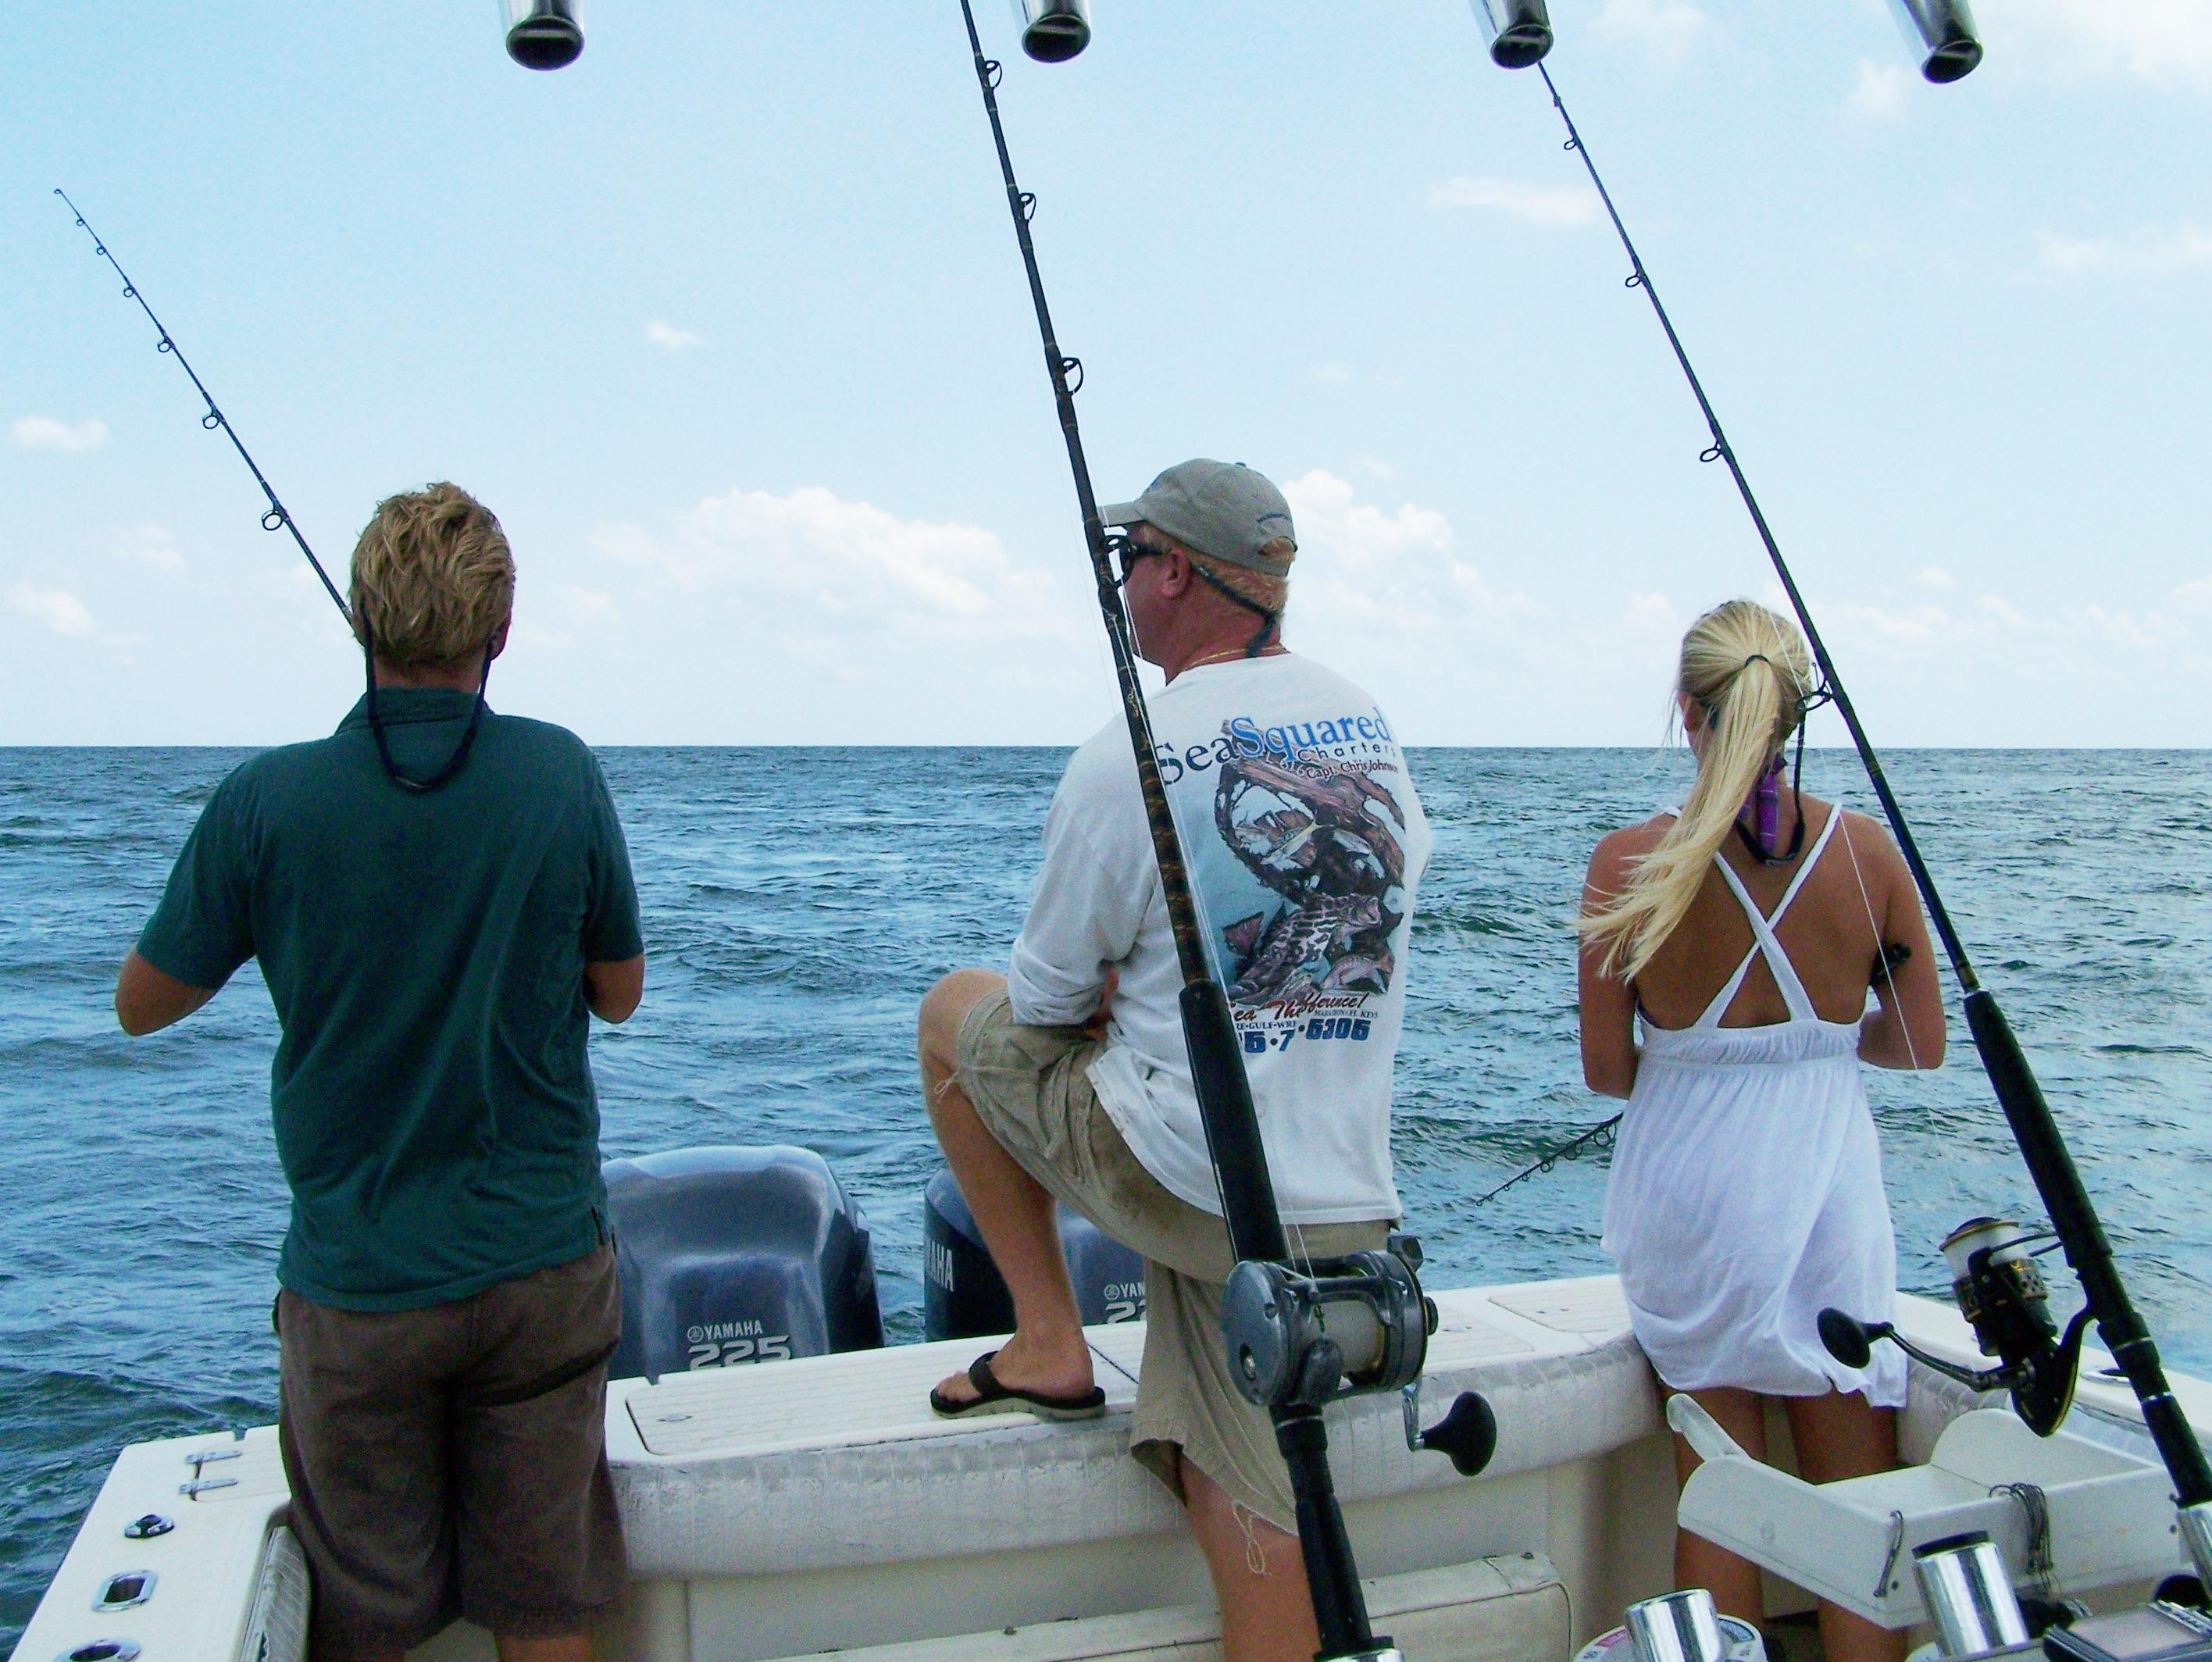 Marathon florida keys tarpon fishing for Fishing marathon fl